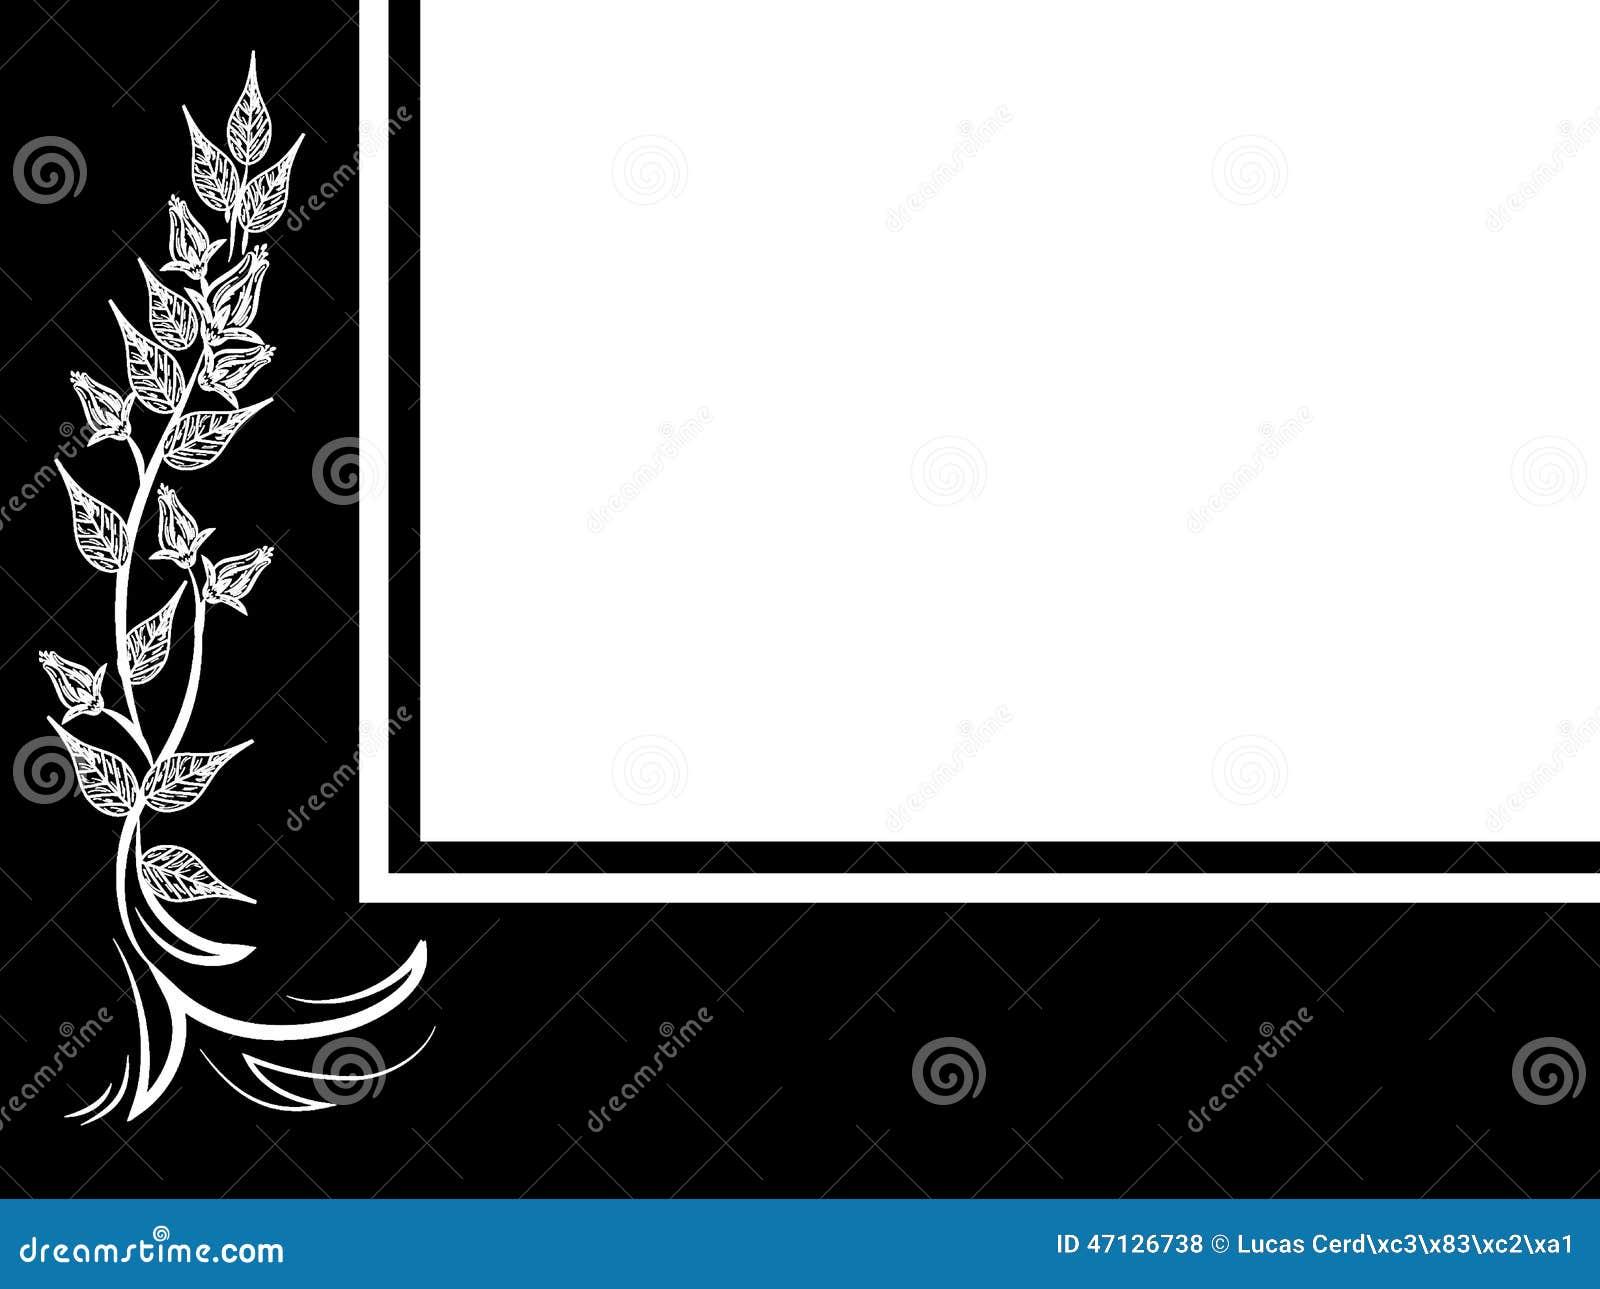 floral background stock illustration illustration of banner 47126738